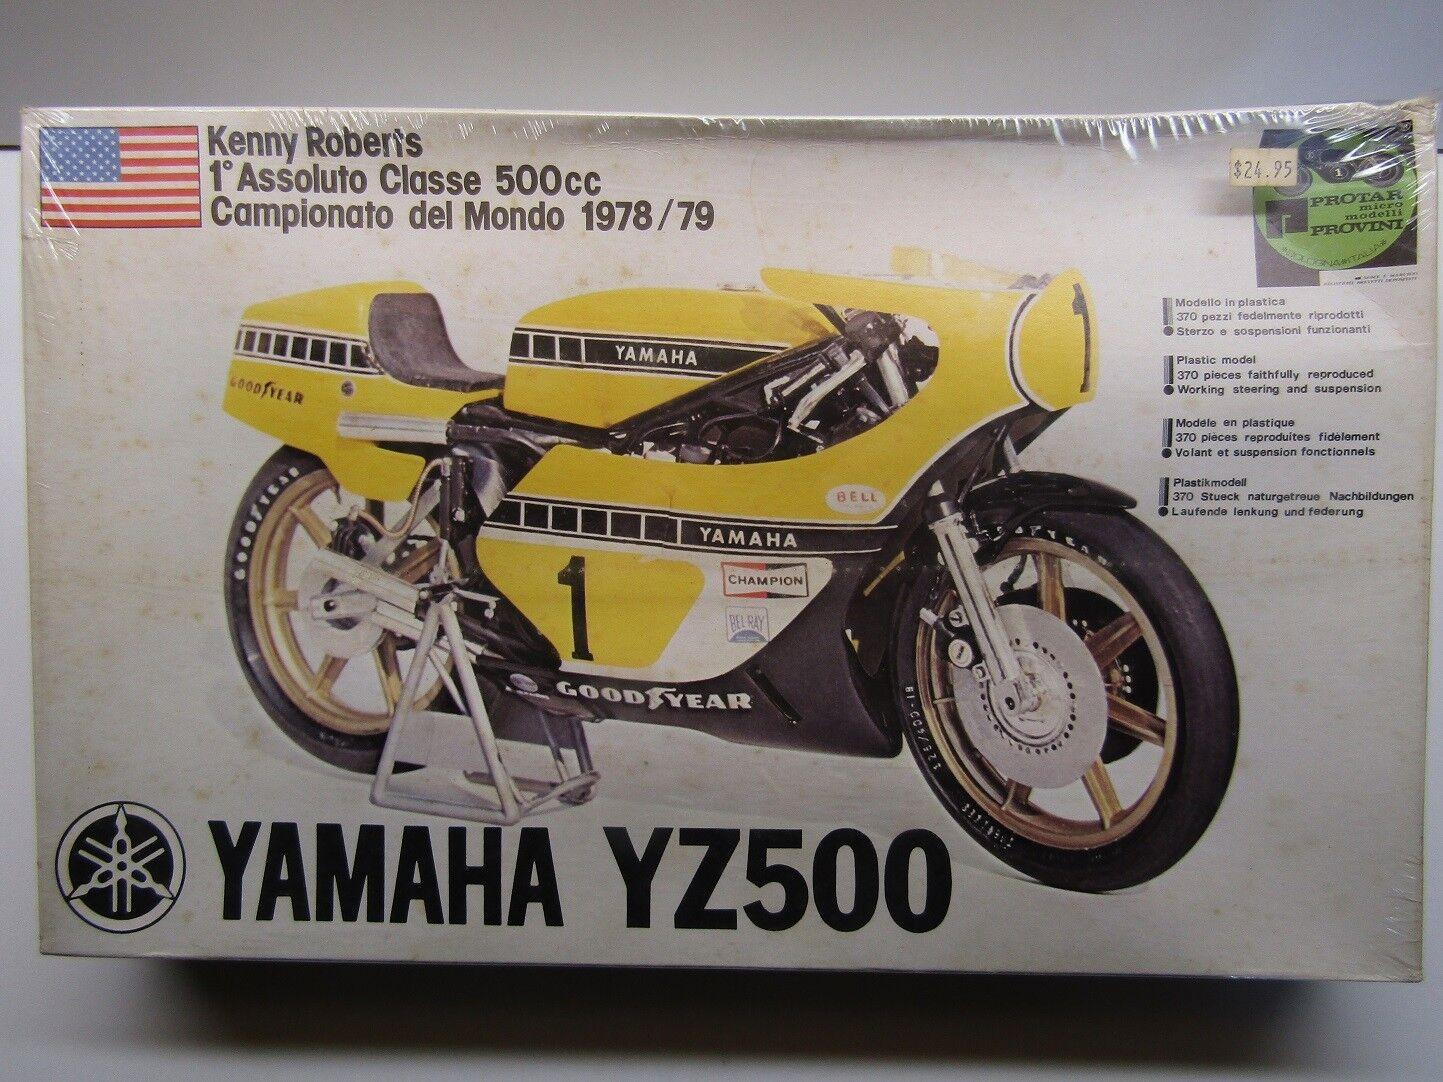 Protar vintage - 1   9 skala yamaha yz500 kenny roberts   1 '78  '79 - neuen - kit   176